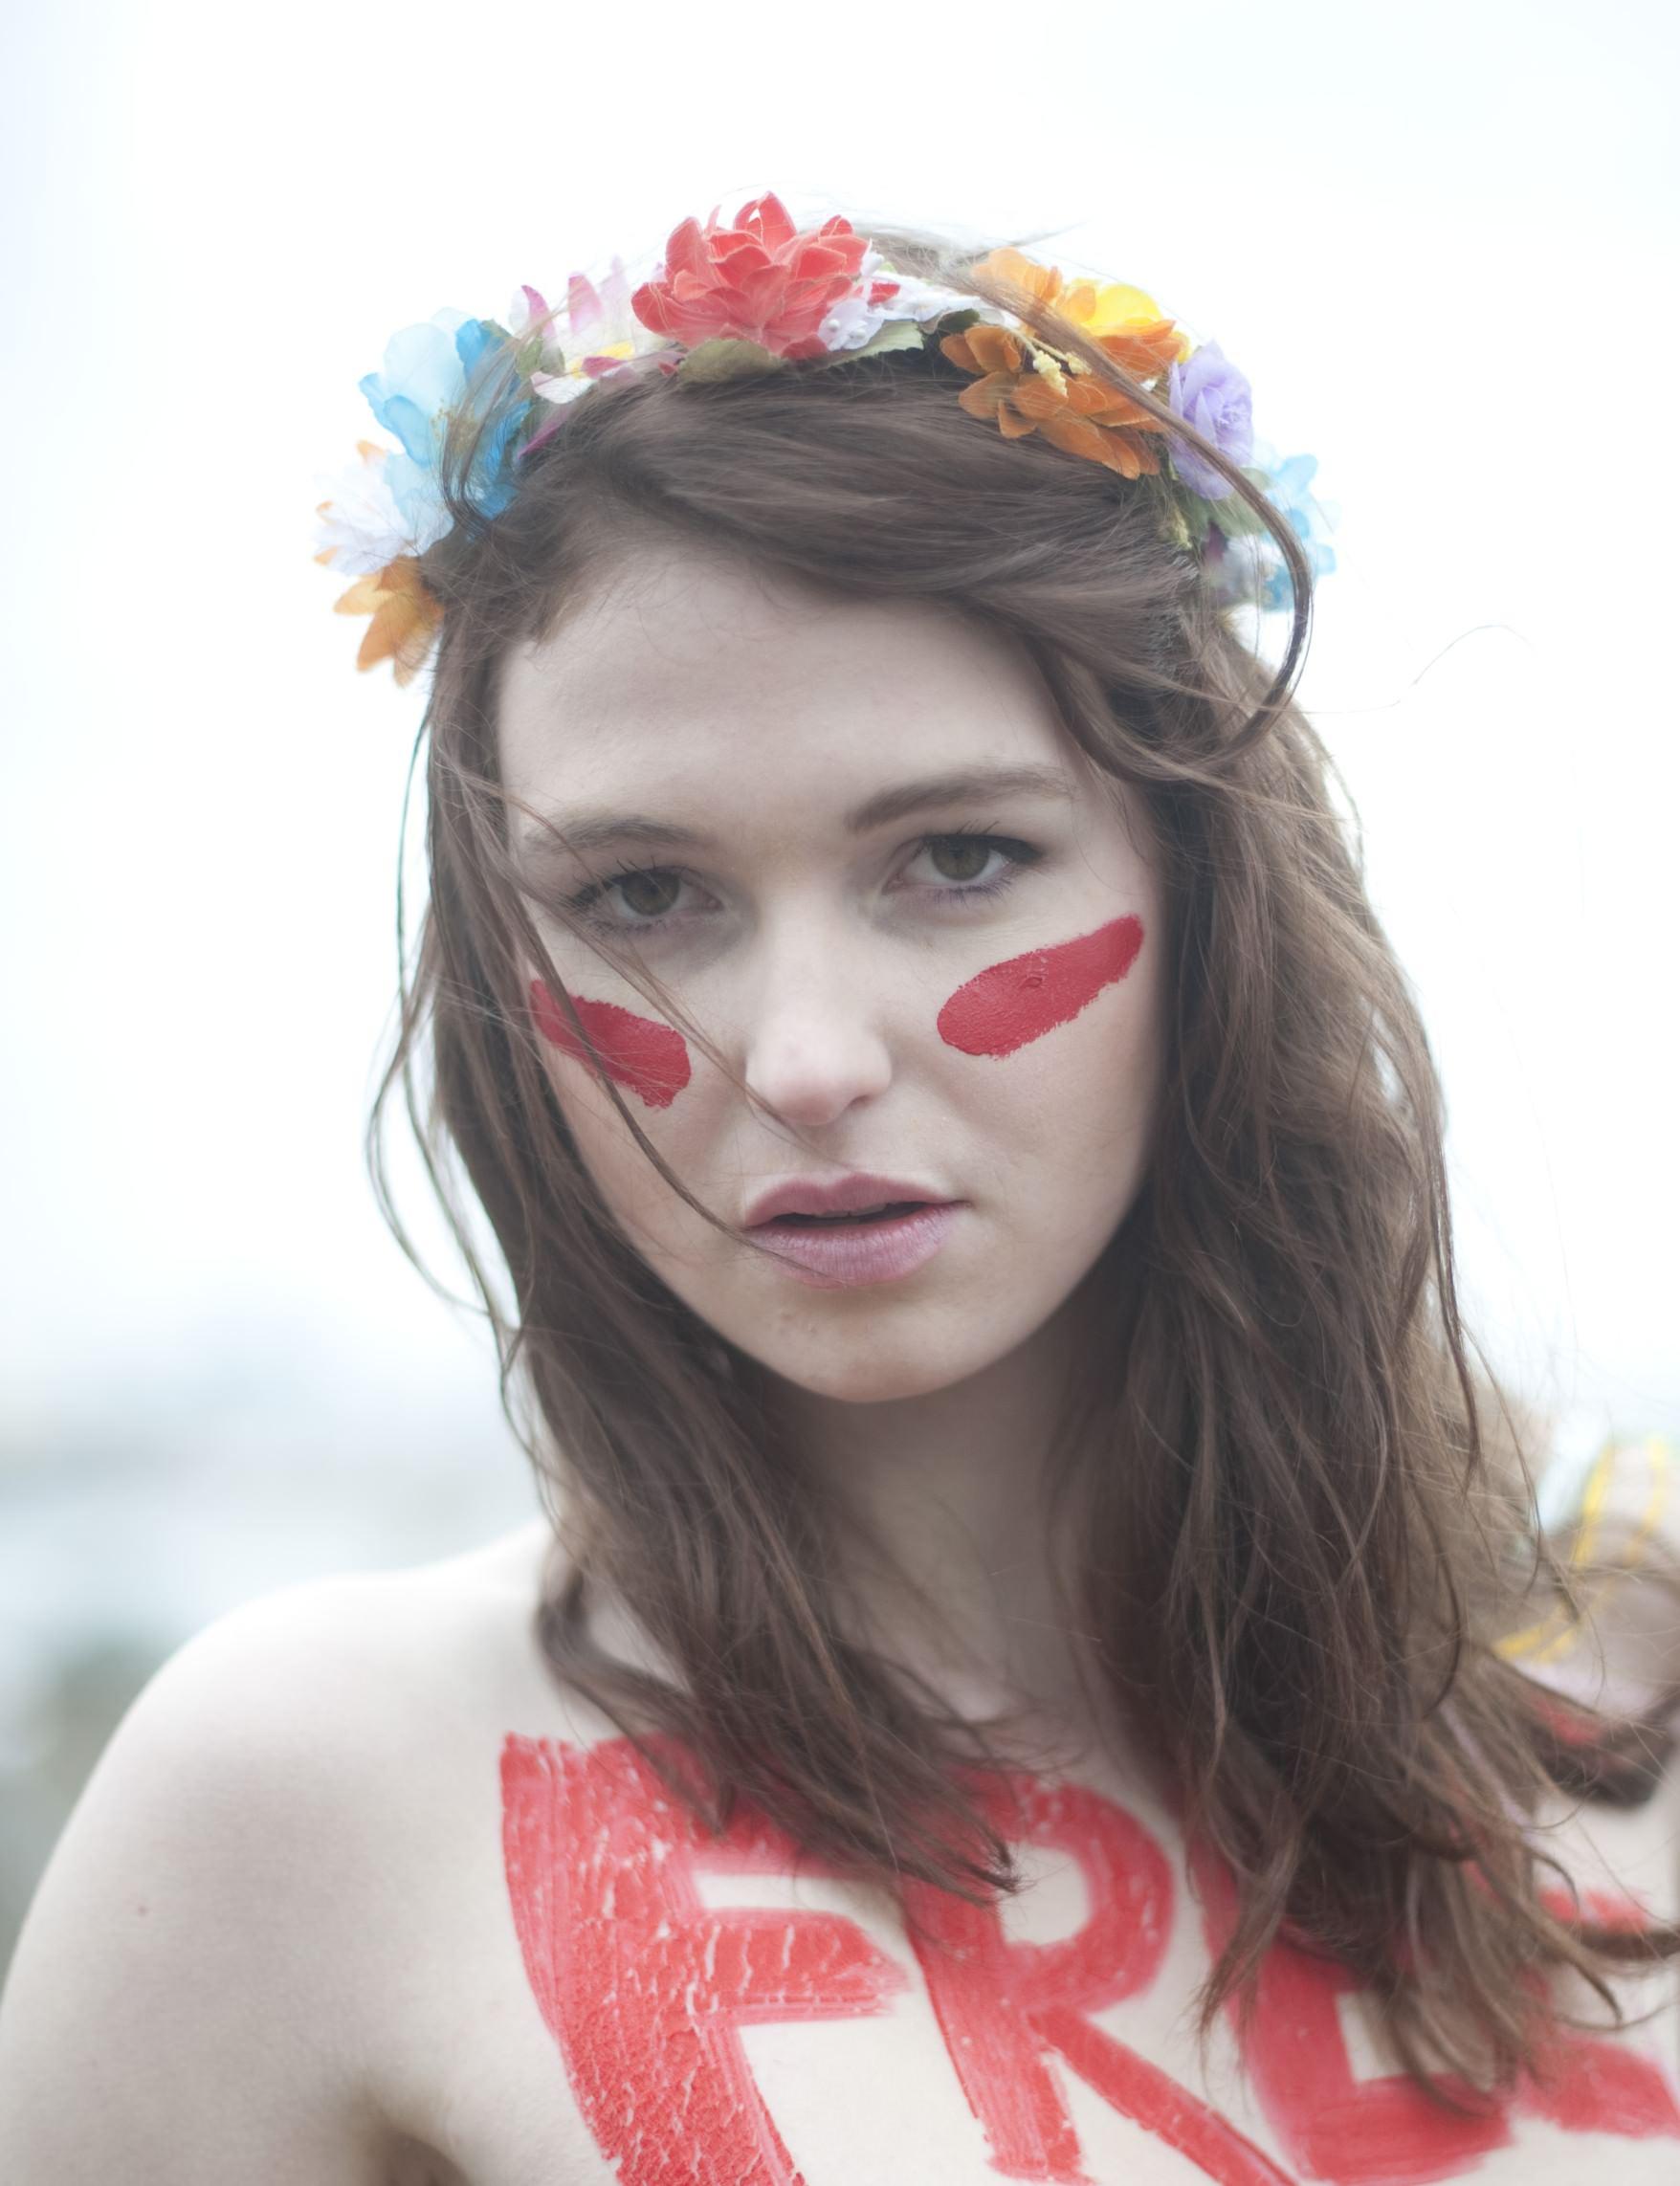 AMB eylemcisi Josephine Witt'in FEMEN yılları